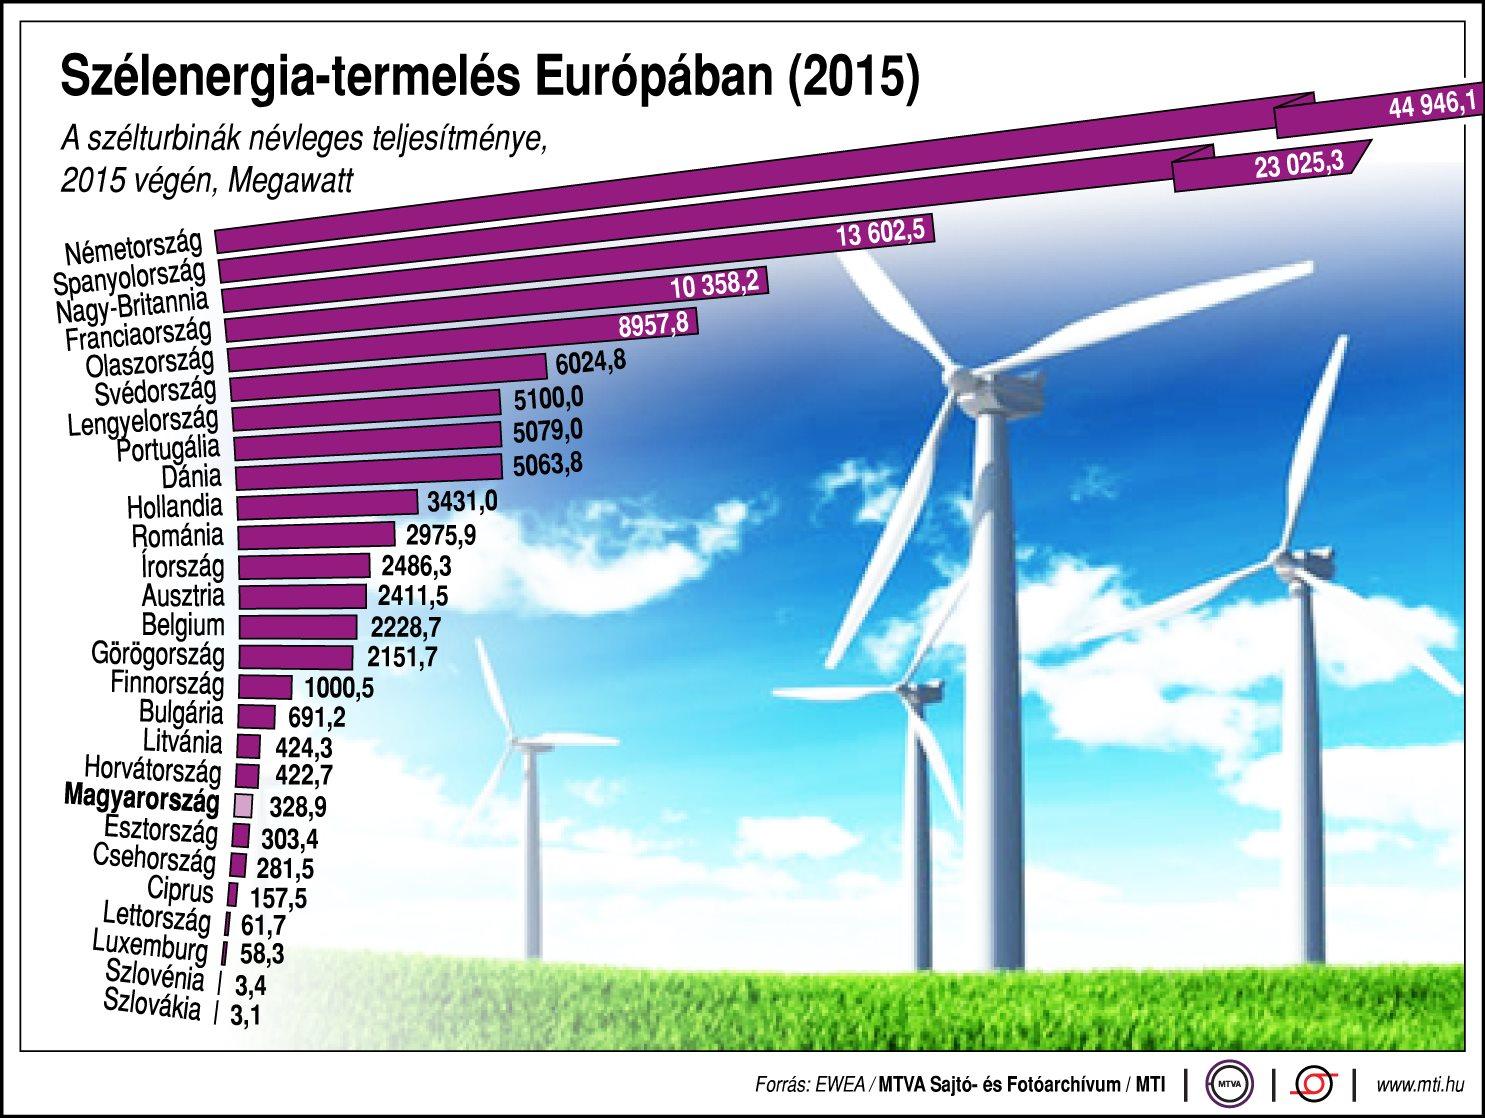 Ennyit segít Európán a szélenergia - Ábra